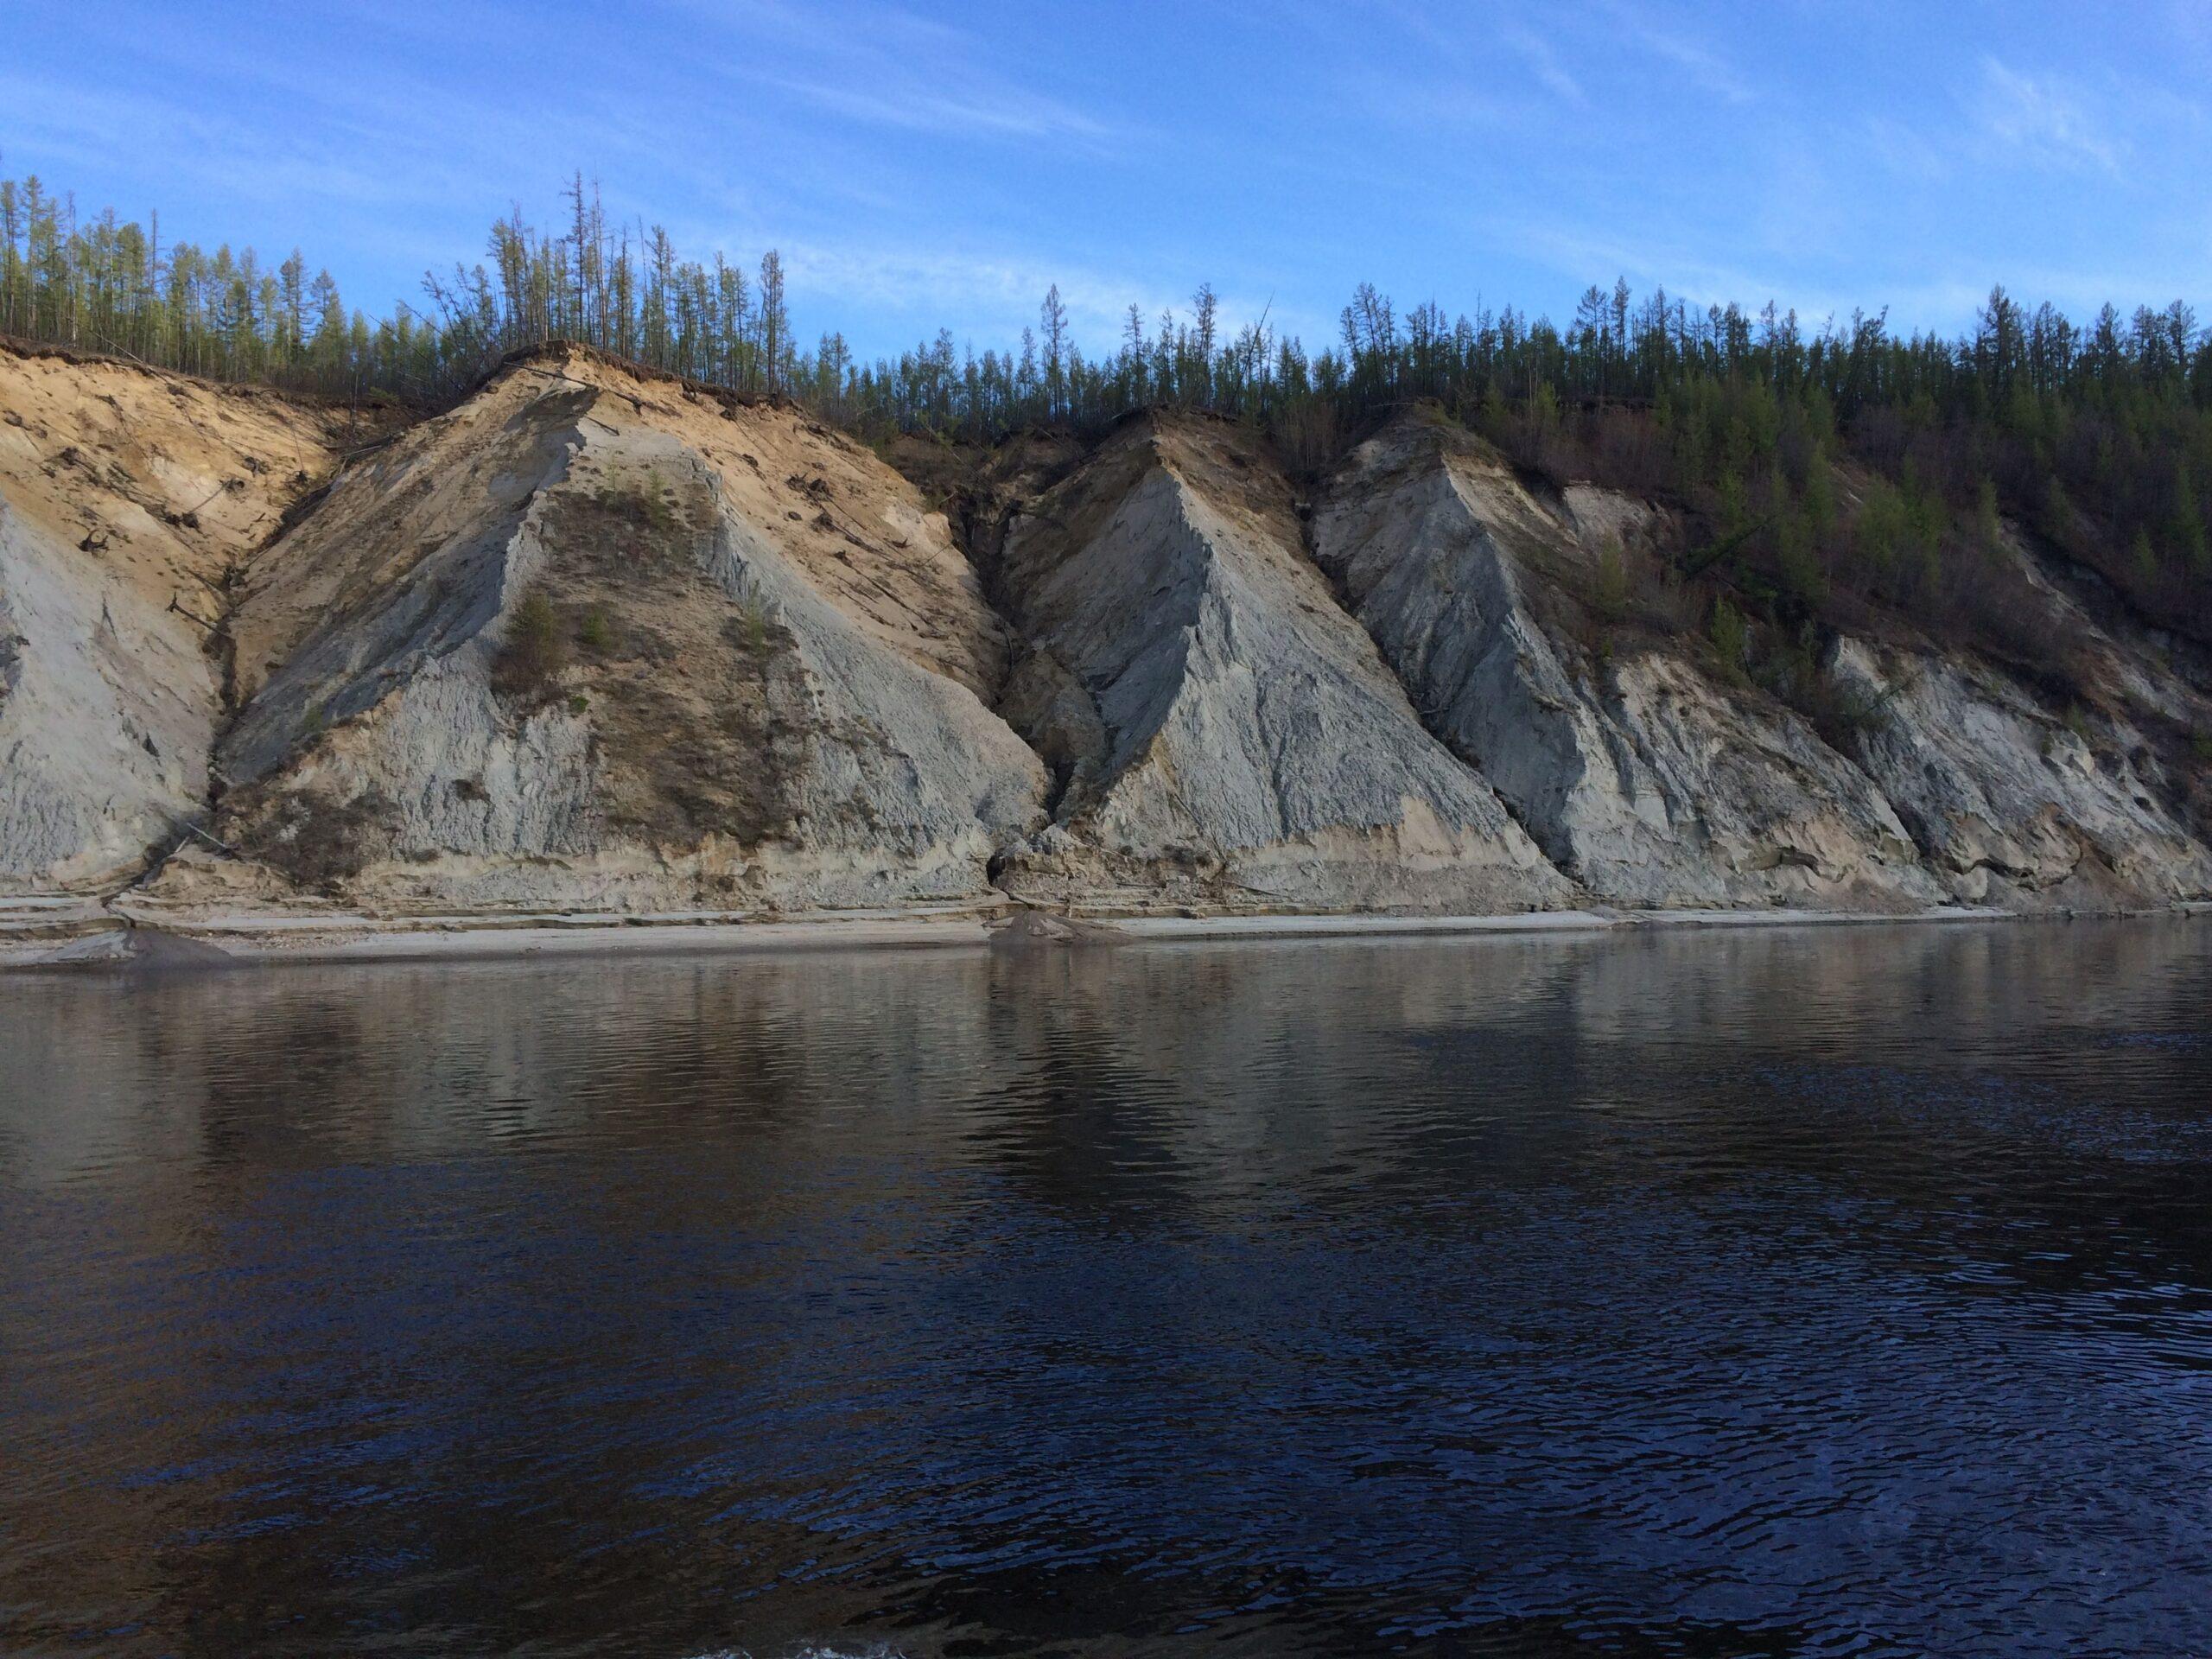 Грузовые перевозки на реке Вилюй в Якутии прекратили из-за обмеления